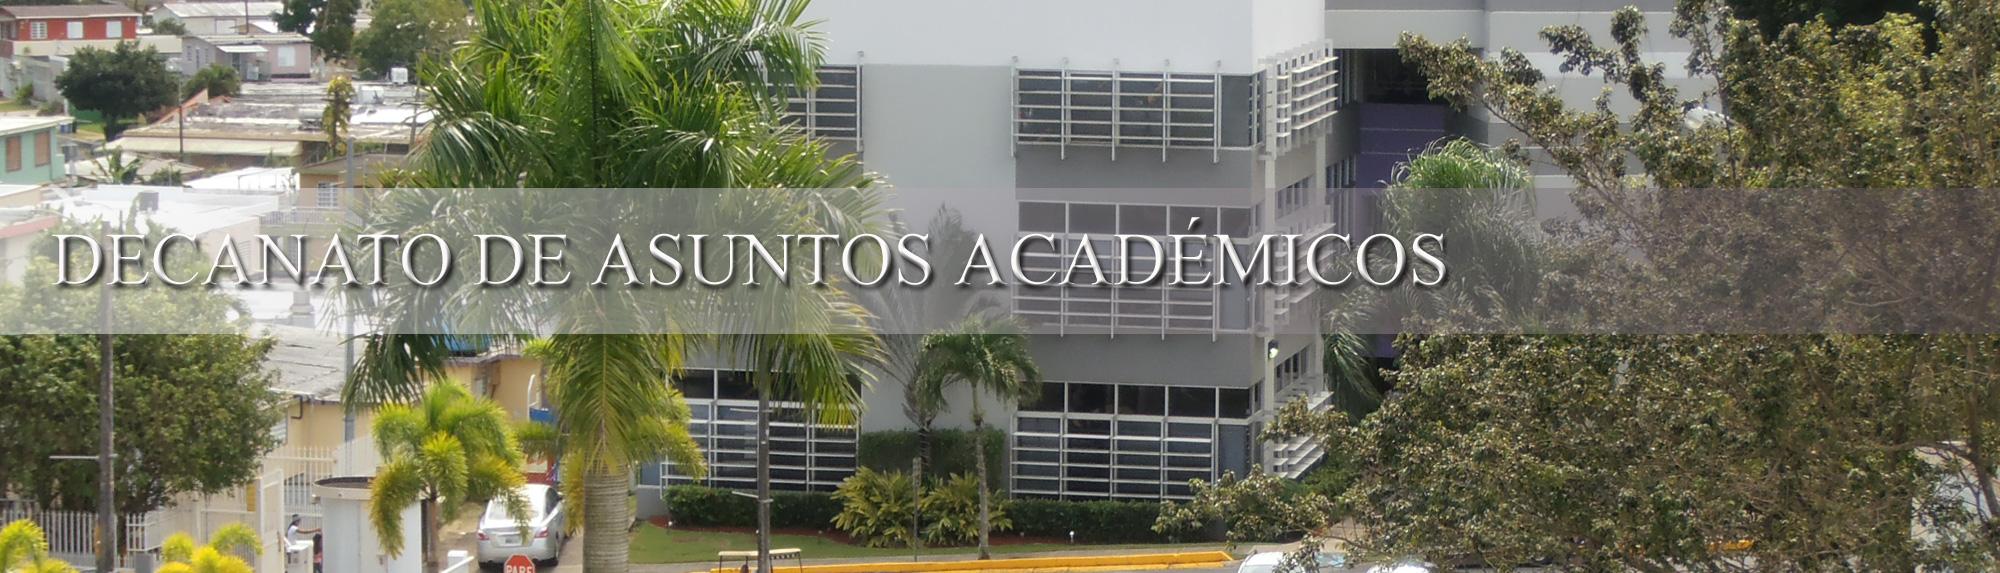 Decanato_Asuntos_Academicos-1